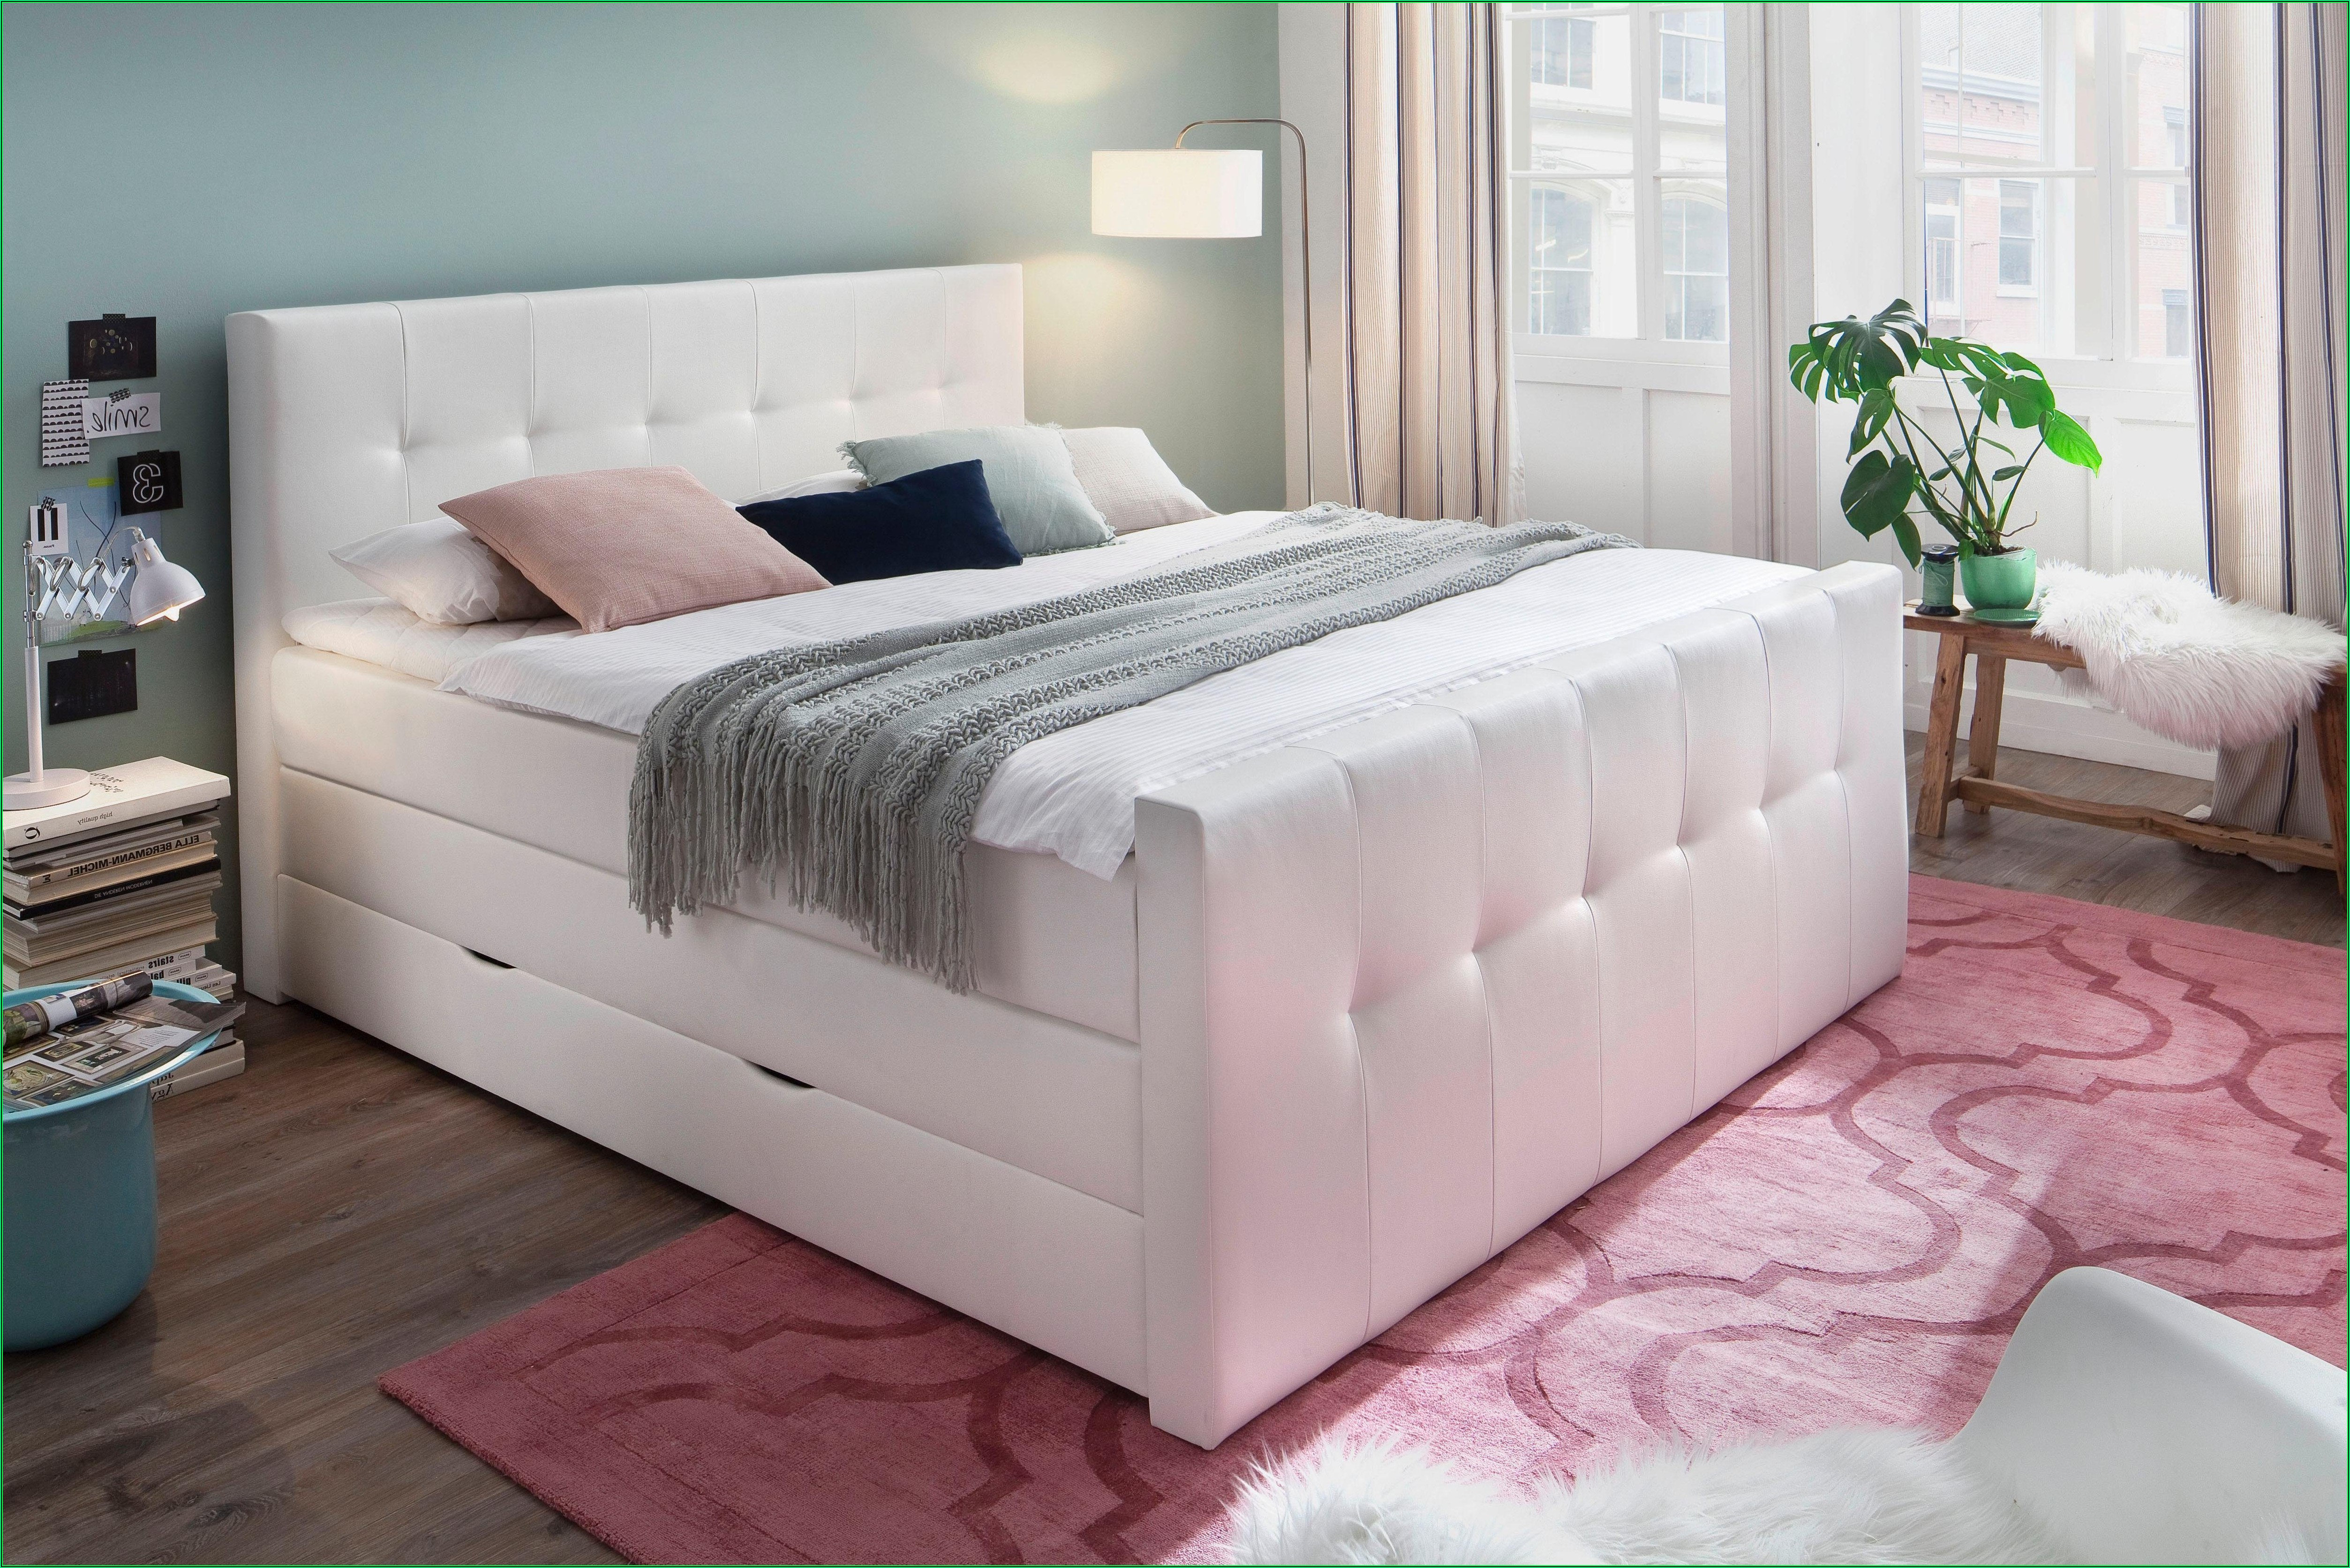 Kleines Schlafzimmer Mit Viel Stauraum Ikea